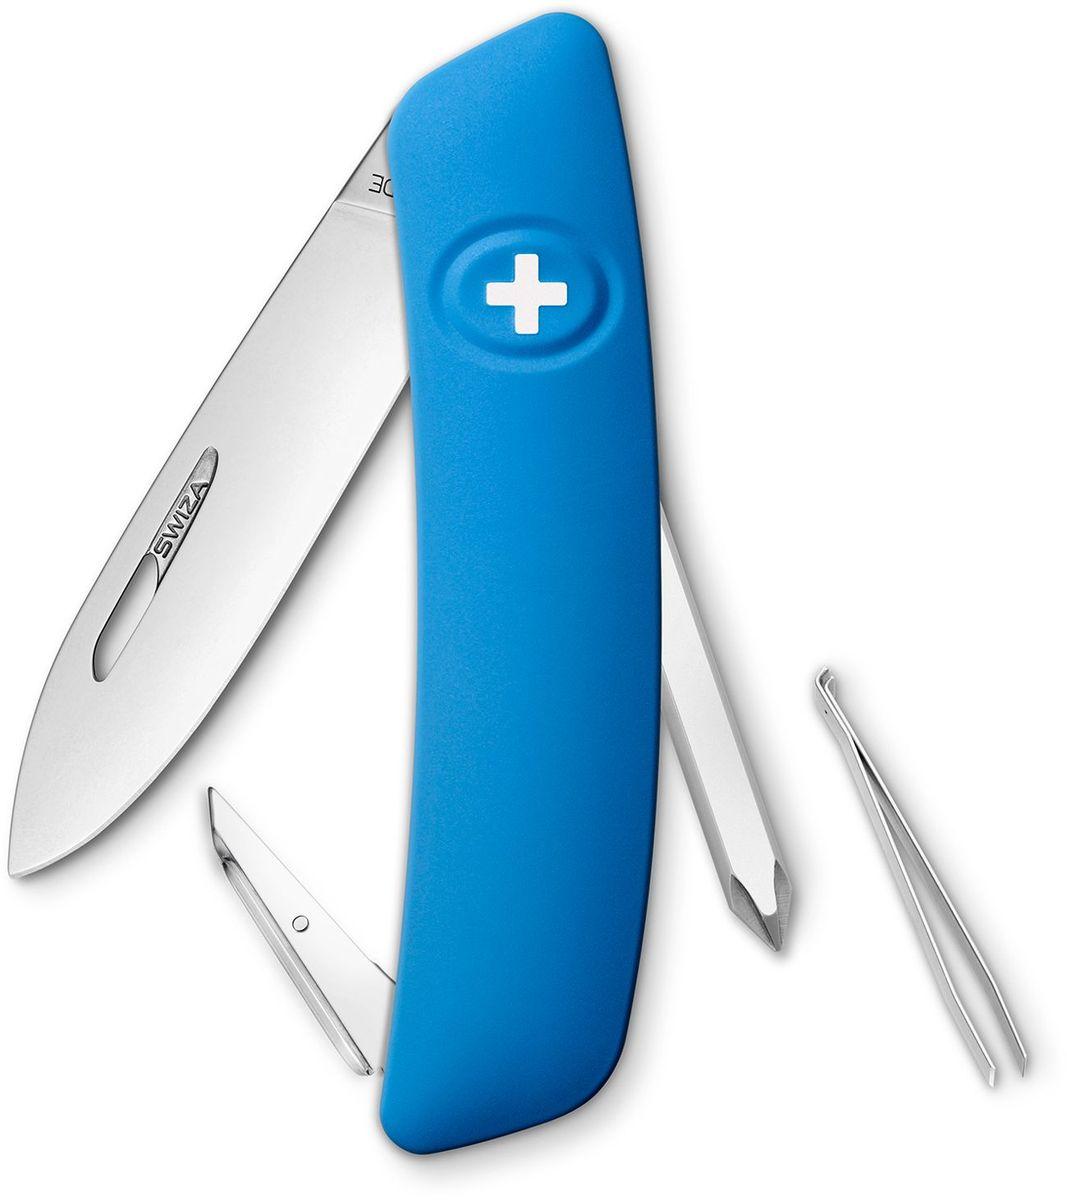 Нож швейцарский SWIZA D02, цвет: синий, длина клинка 7,5 см67742 Швейцарский нож (SWIZA D02) с его революционной формой и безопасной рукояткой, легко раскладываемой ручкой - самый удобный и простой в использовании швейцарский нож на все времена. Эргономично изогнутая форма ножа обеспечивает более легкий доступ к инструментам, а пазы позволяют легко их открывать, как левой, так и правой рукой. Пожизненная гаратния на ножи SWIZA обеспечивают долговременное использование1. нож перочинный ,2. отвертка Phillips , 3. ример/дырокол4. шило, 5. безопасная блокировка лезвий,6. пинцет